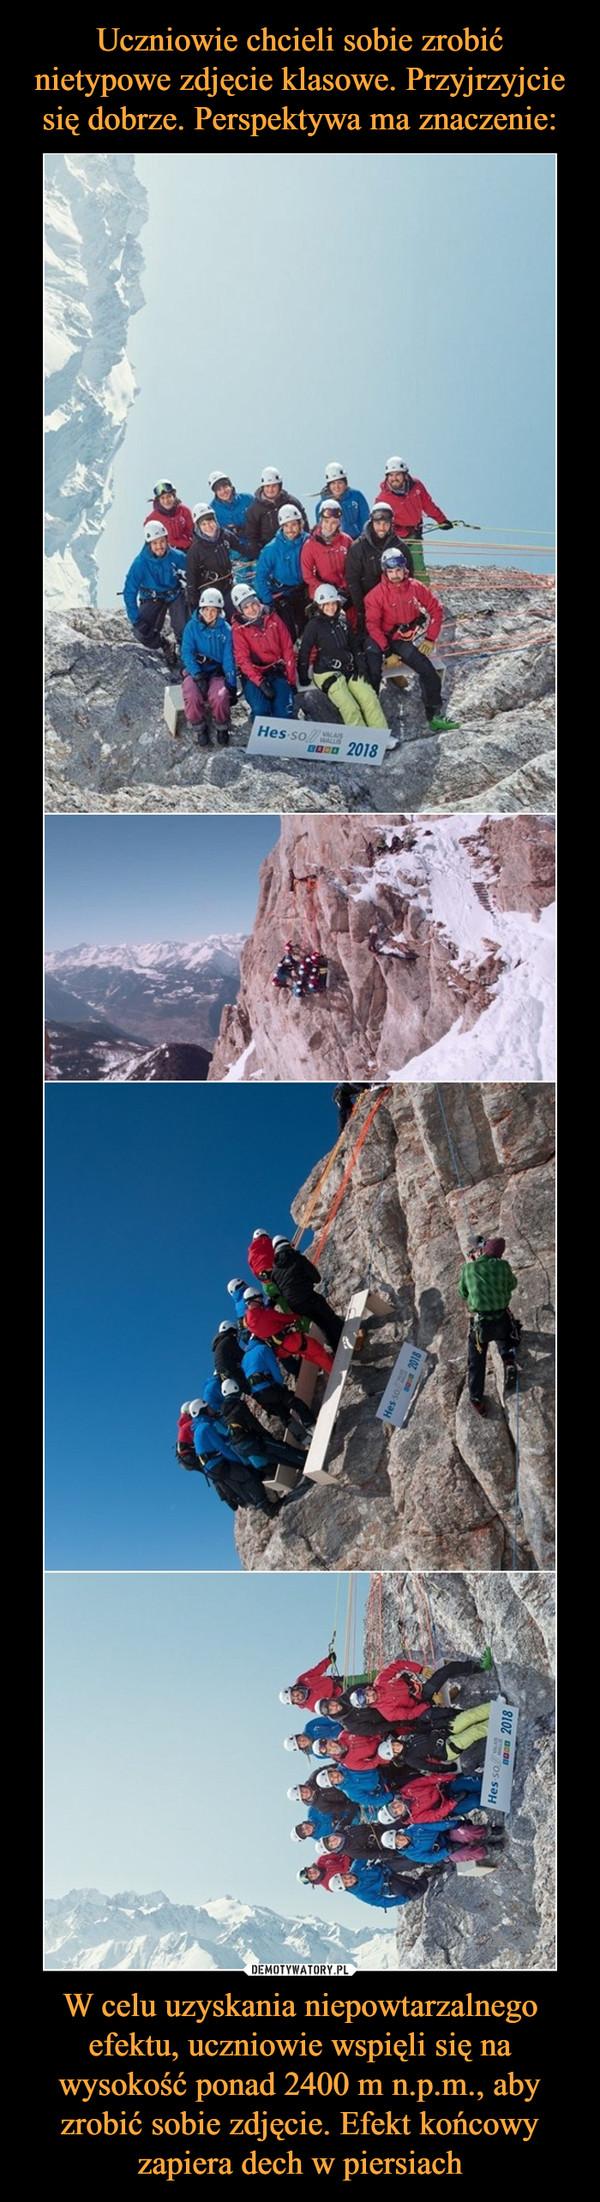 W celu uzyskania niepowtarzalnego efektu, uczniowie wspięli się na wysokość ponad 2400 m n.p.m., aby zrobić sobie zdjęcie. Efekt końcowy zapiera dech w piersiach –